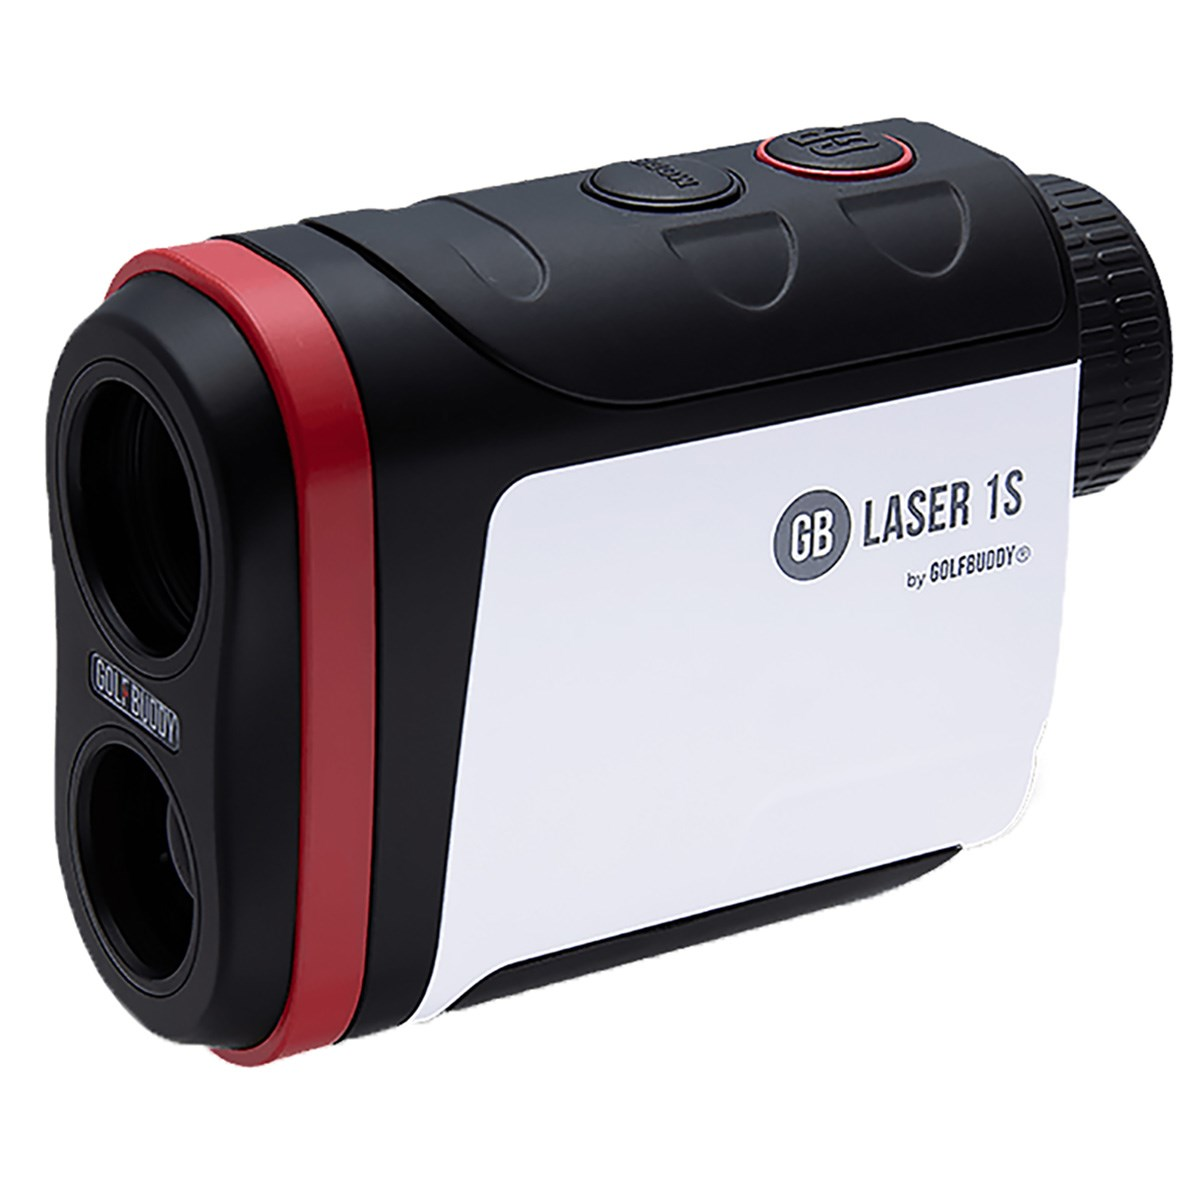 ゴルフバディー GB LASER1S レーザー距離計測器